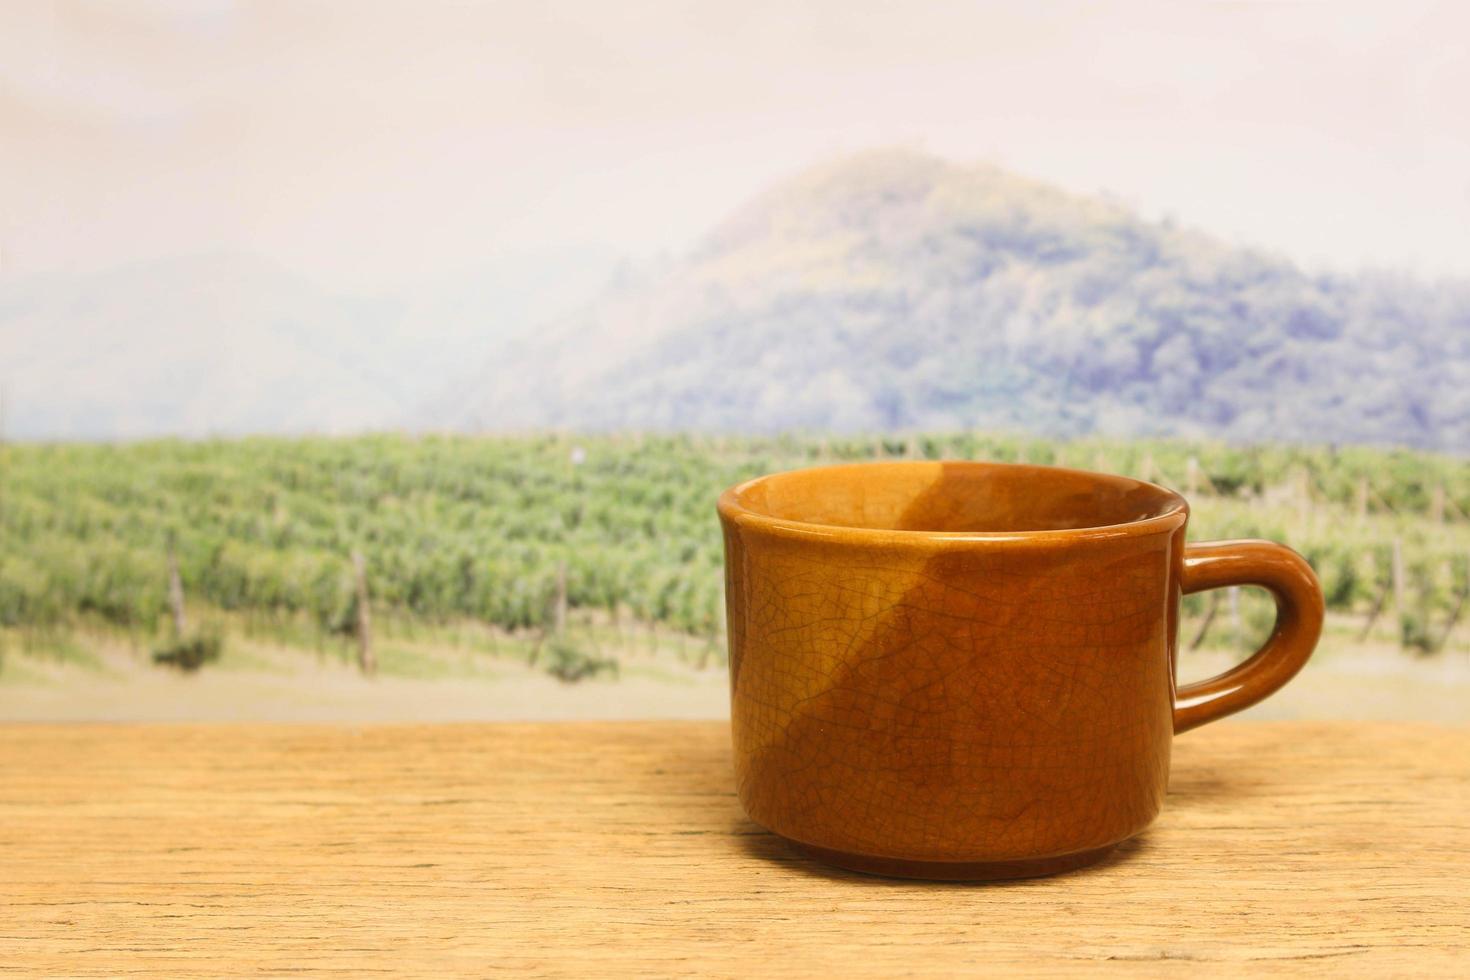 tasse de café marron devant le champ photo